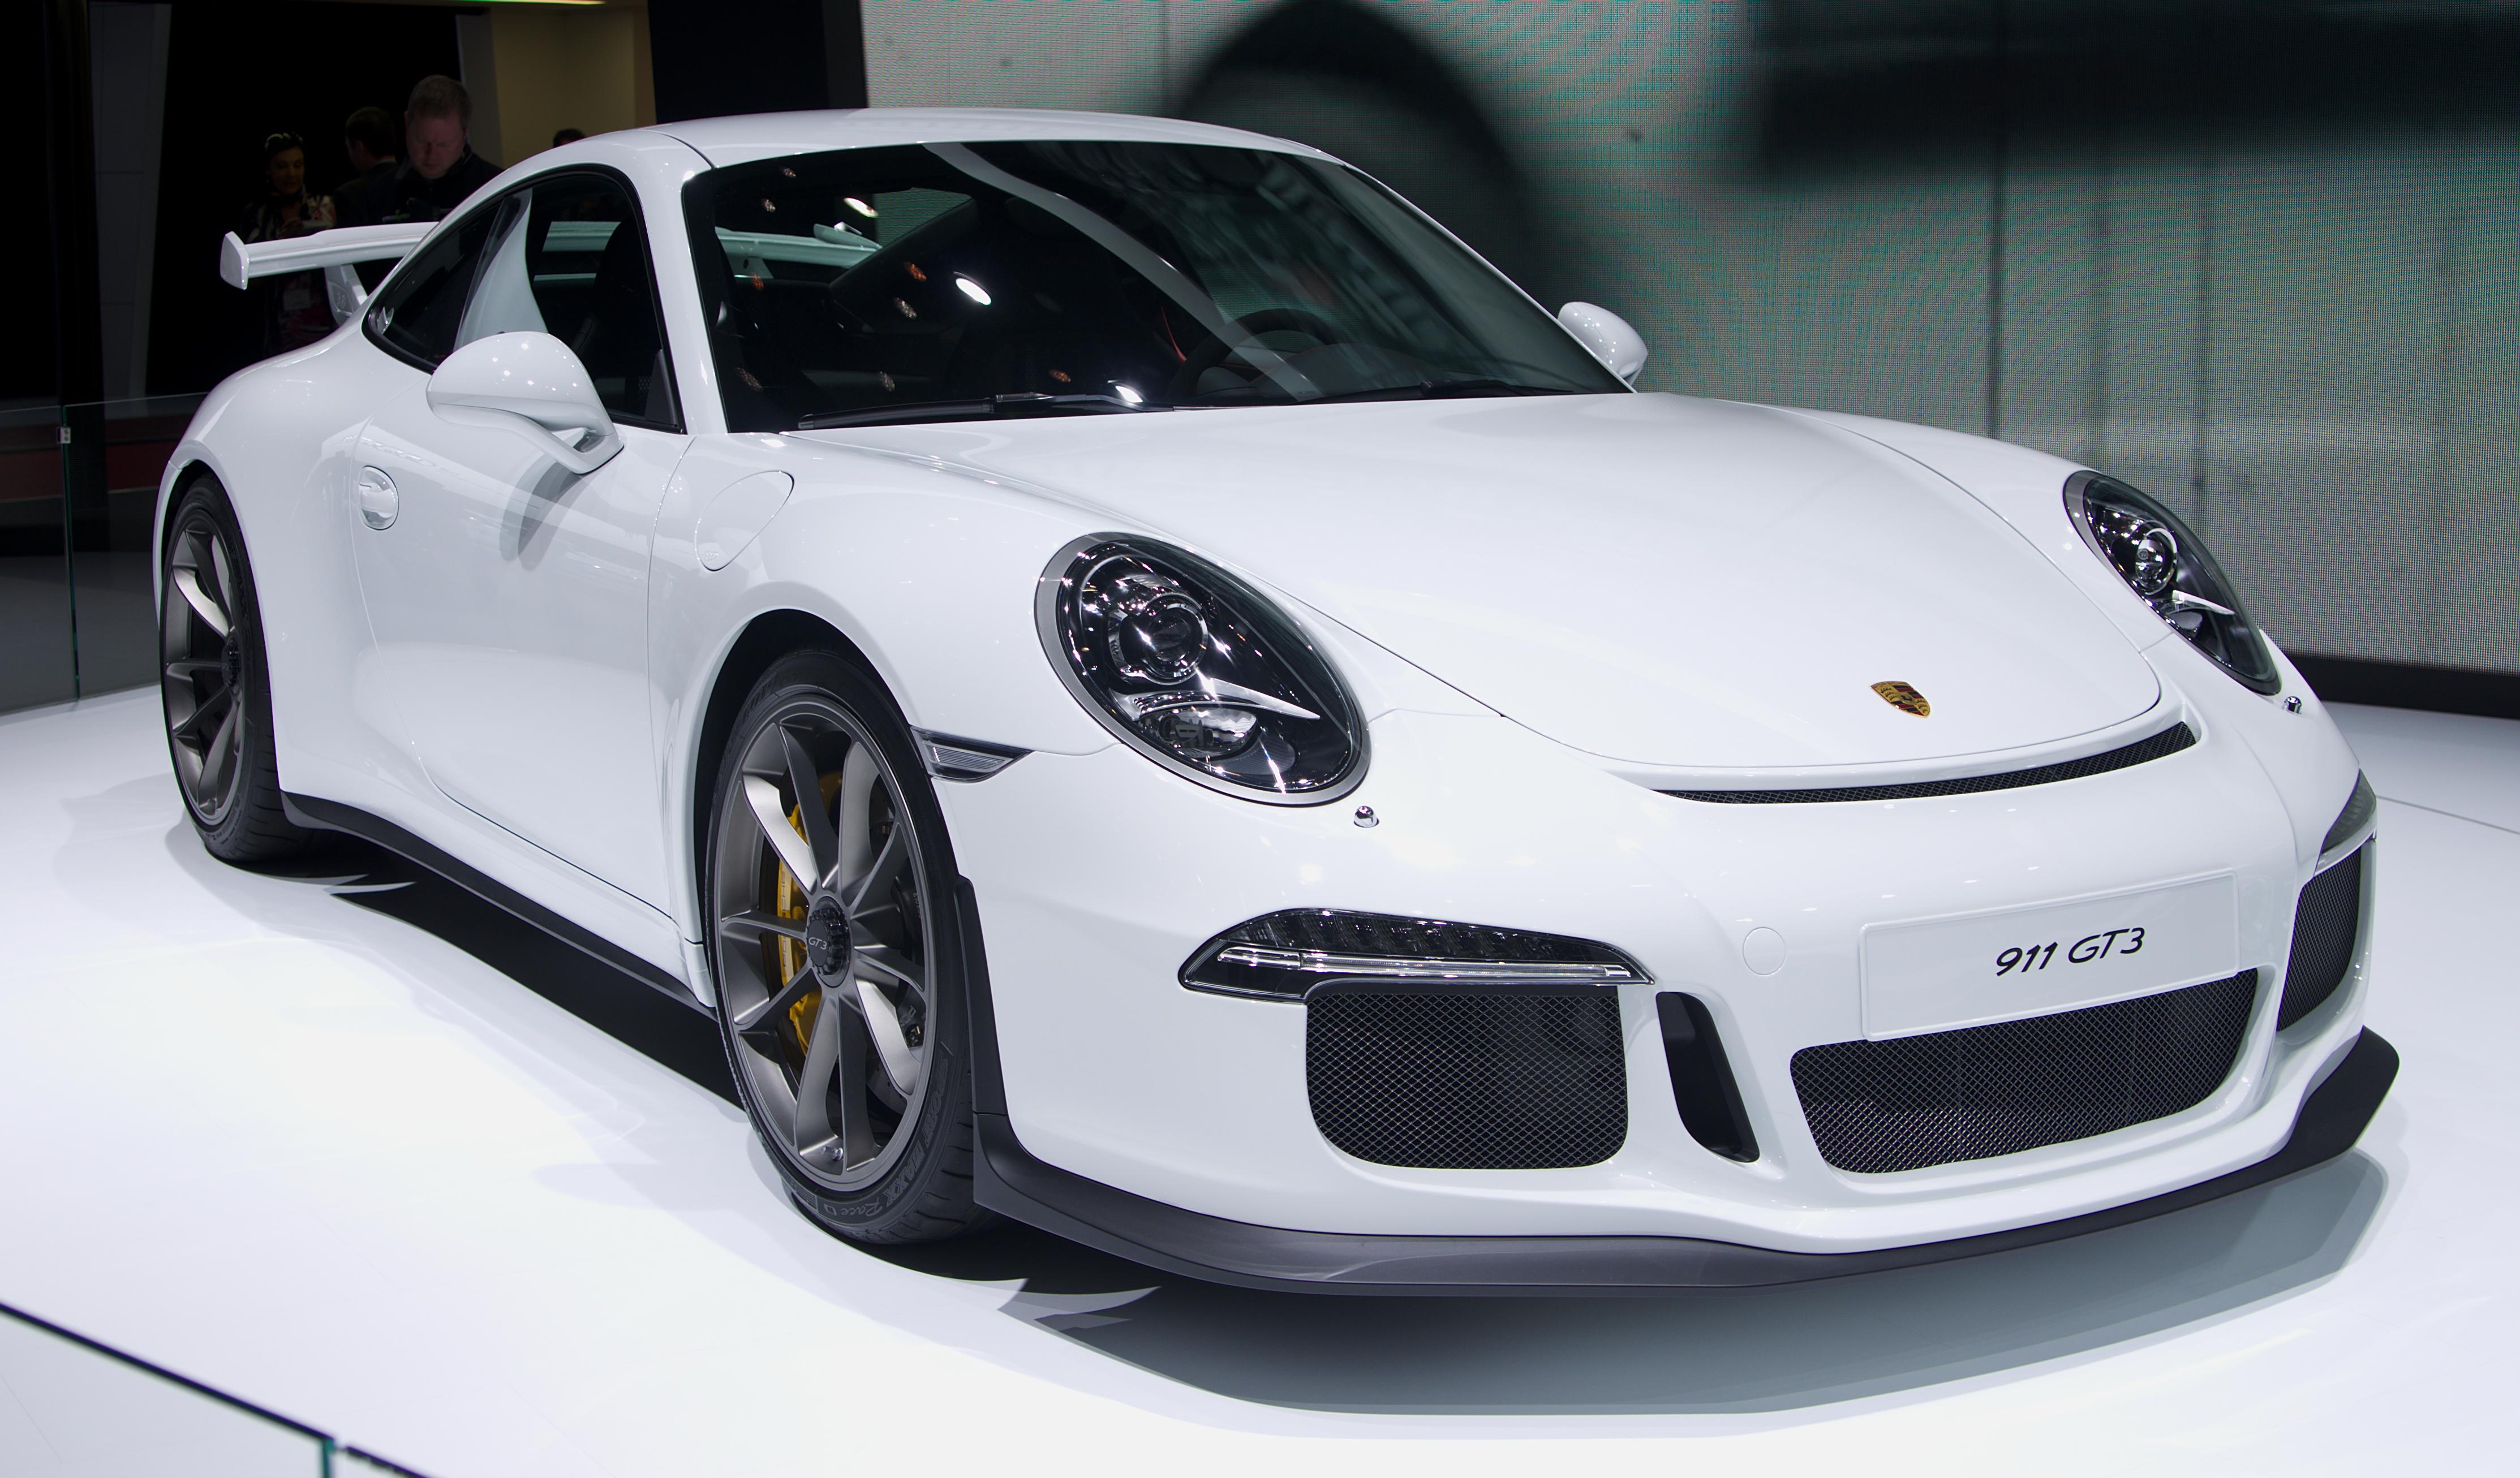 File Geneva Motorshow 2013 Porsche 911 Gt3 Jpg